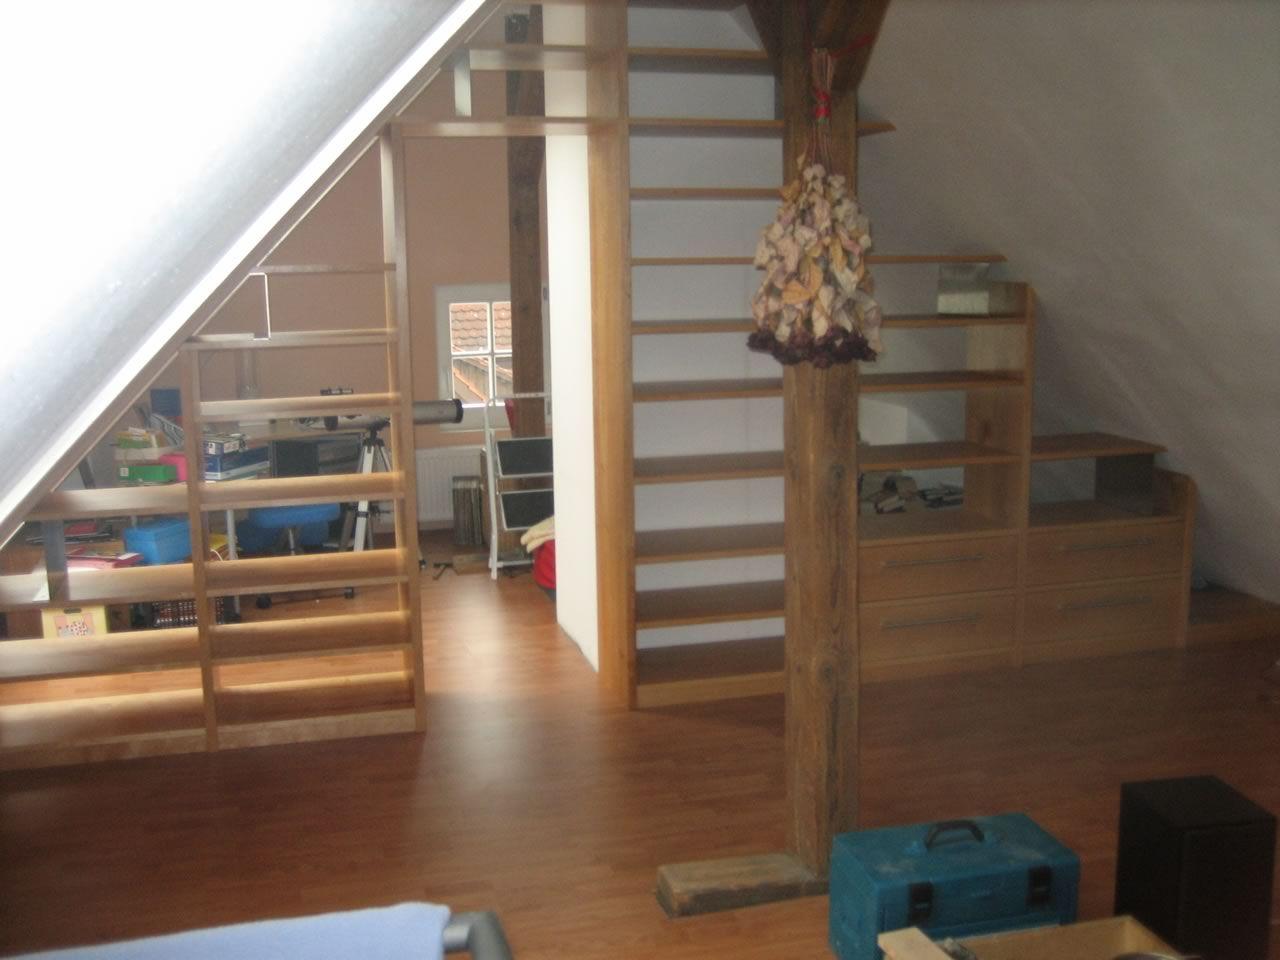 raumteiler room divider pinterest raumteiler. Black Bedroom Furniture Sets. Home Design Ideas